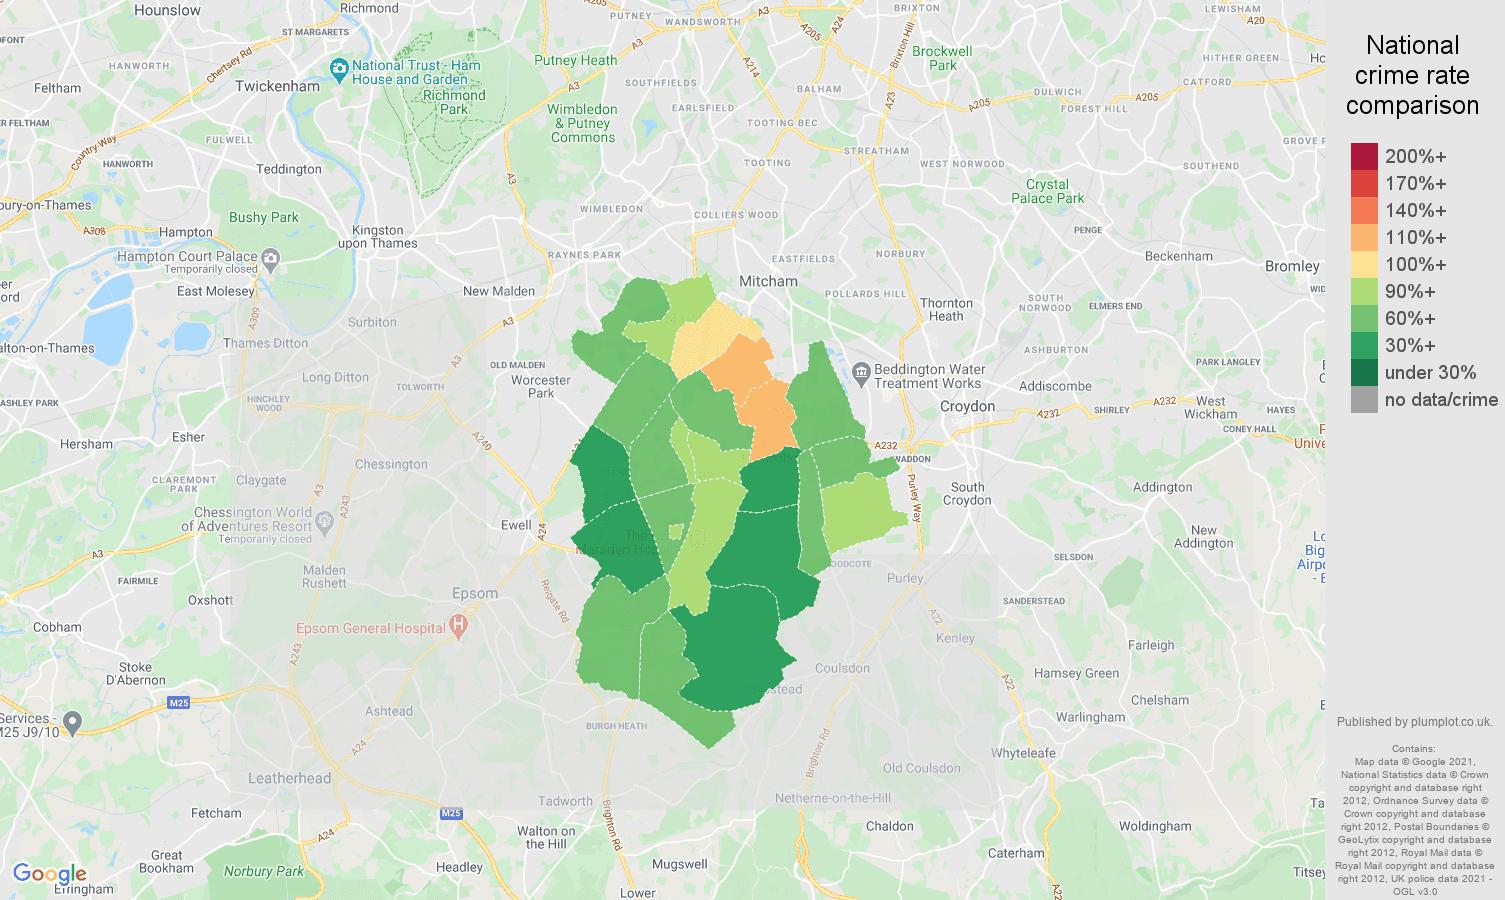 Sutton violent crime rate comparison map